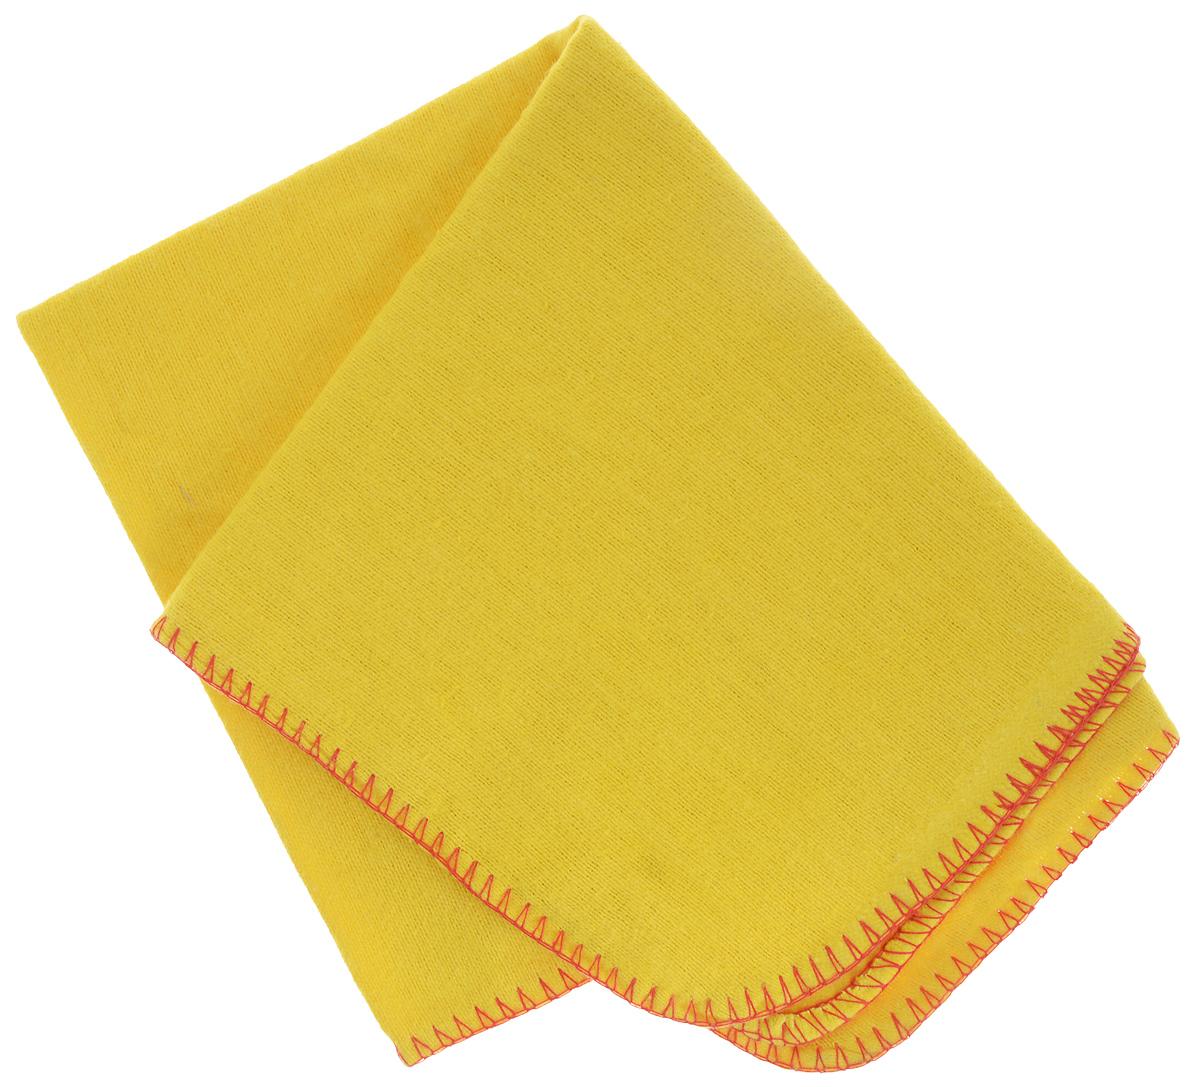 Ткань полировальная Doctor Wax, для профессиональной чистки и полировки кузова, 60 x 35 смRC-100BWCСалфетка Doctor Wax, выполненная из 100% хлопка, предназначена для чистки и полировки кузова. Впитывает остатки воска и полироли, обеспечивает сияющий и глубокий блеск без царапин, полос и разводов.